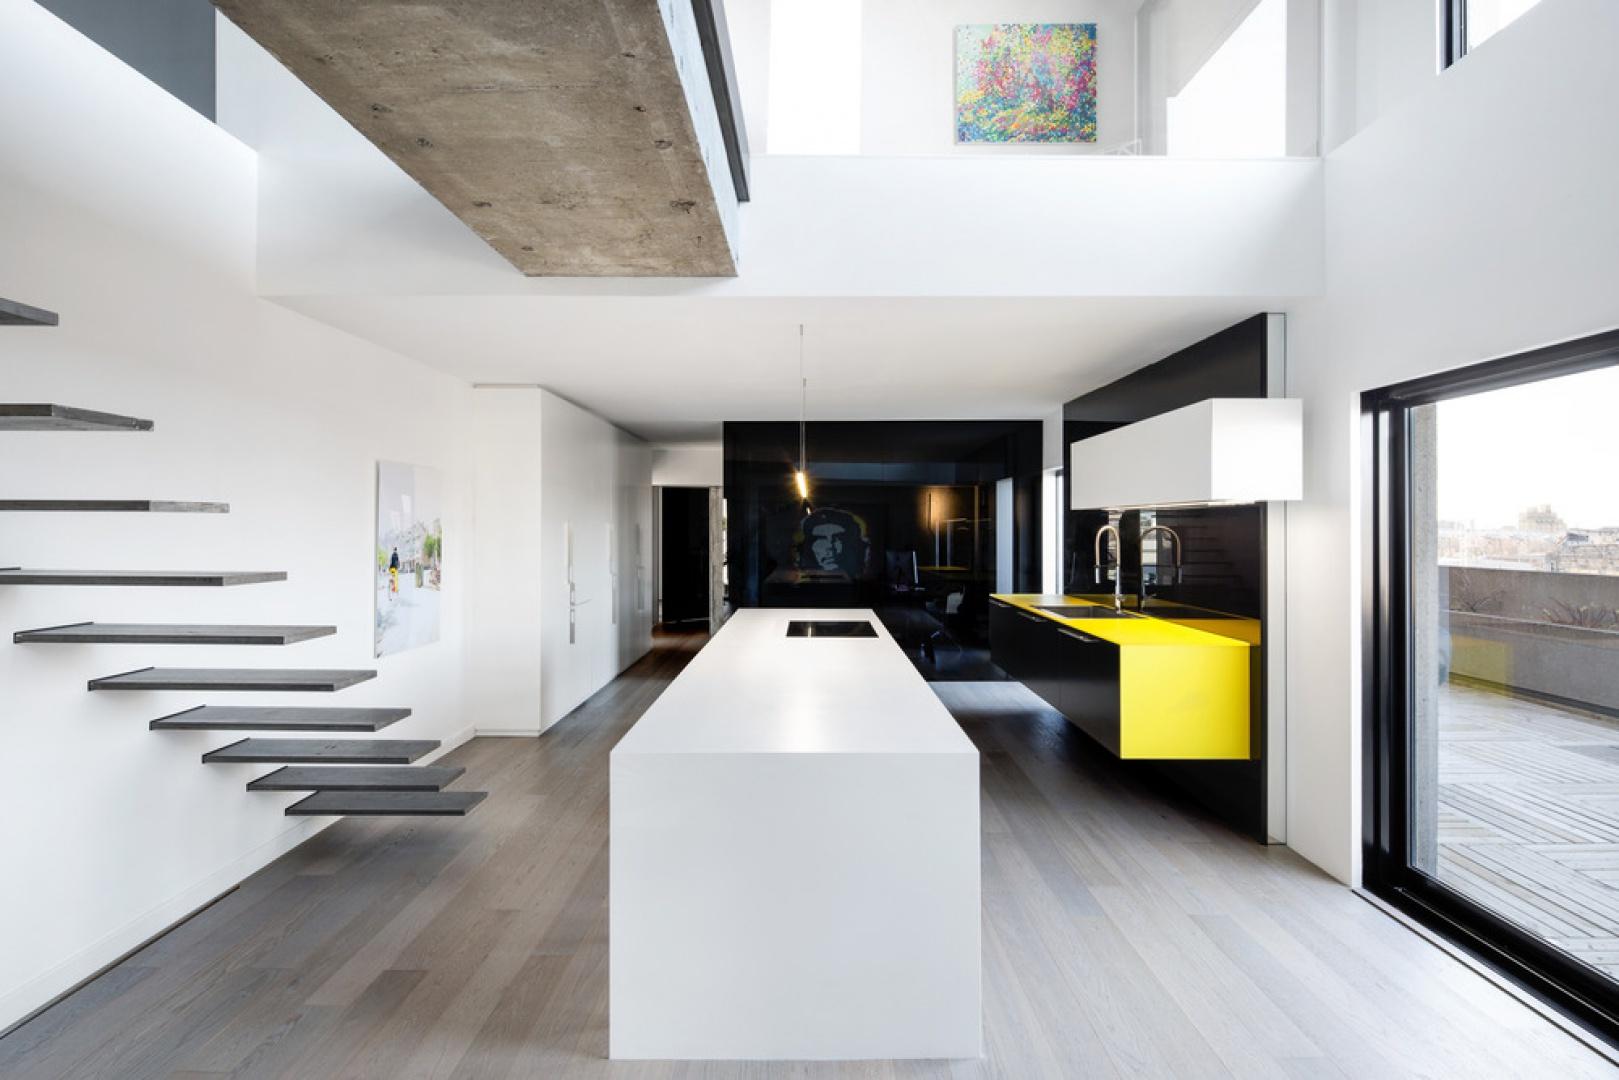 W aranżacji wnętrza dominują geometryczne formy. W kuchni ciąg komunikacyjny wyznacza duża wyspa o gładkich powierzchniach i prostych liniach, wykonana z Corianu w kolorze białym. Projekt: Marie-Pierre Auger Bellavance, Studio Practice. Fot. Adrien Williams & Gorgin S. Fazli.